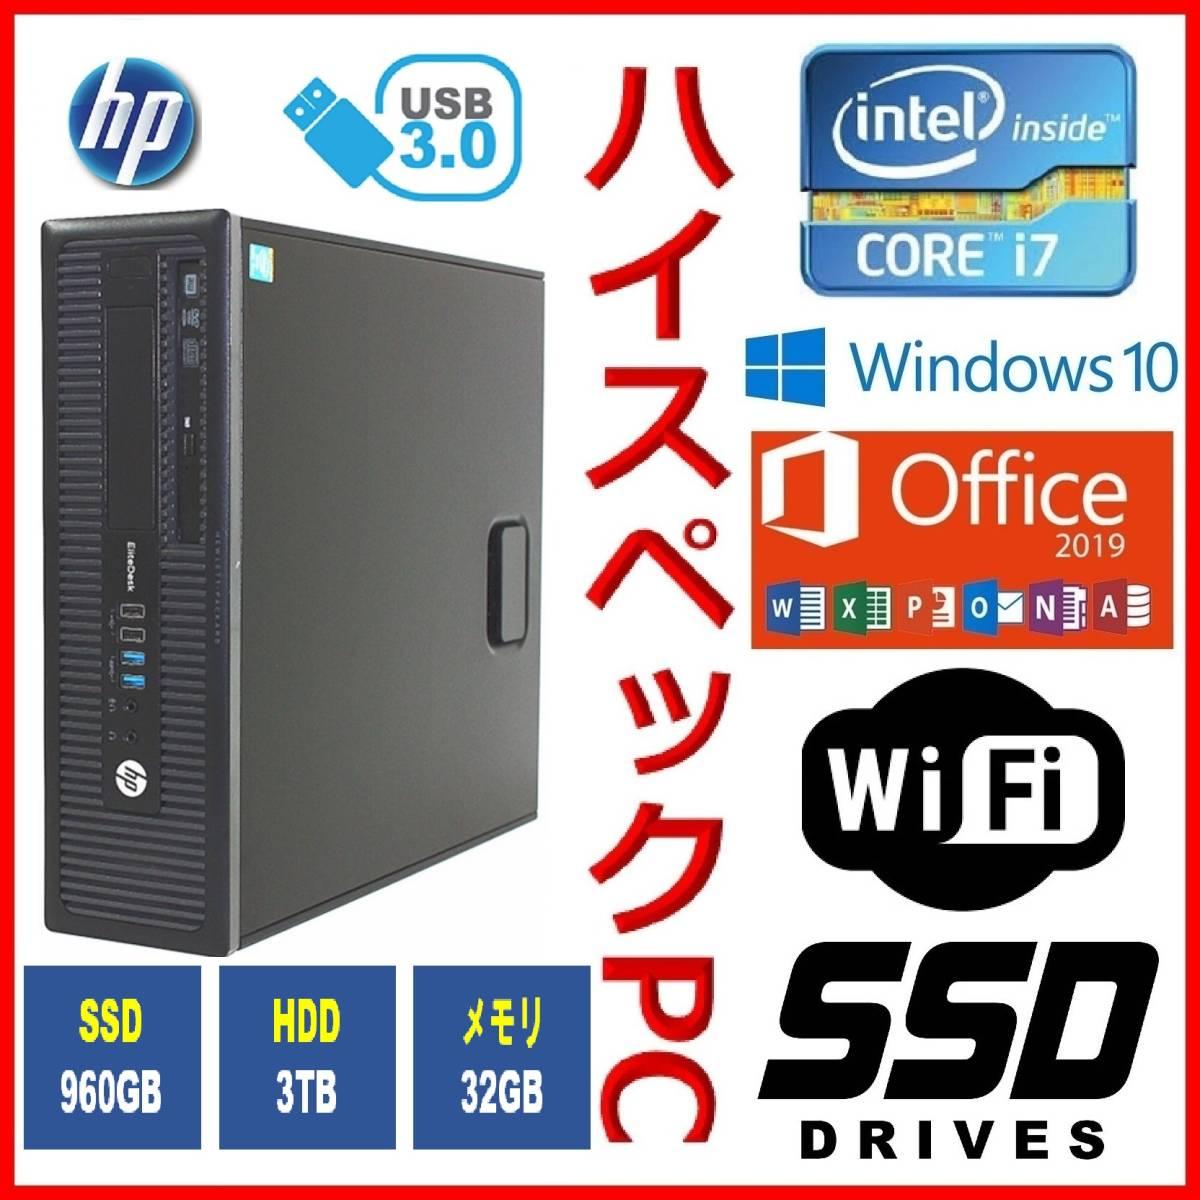 ●究極 i7-4770(3.9Gx8)/超大容量32Gメモリ/新品SSD960G+大容量HDD3TB/Office2019/Win10/USB3.0/Wi-Fi/2画面/静音/ProDesk 600 G1 SFF改